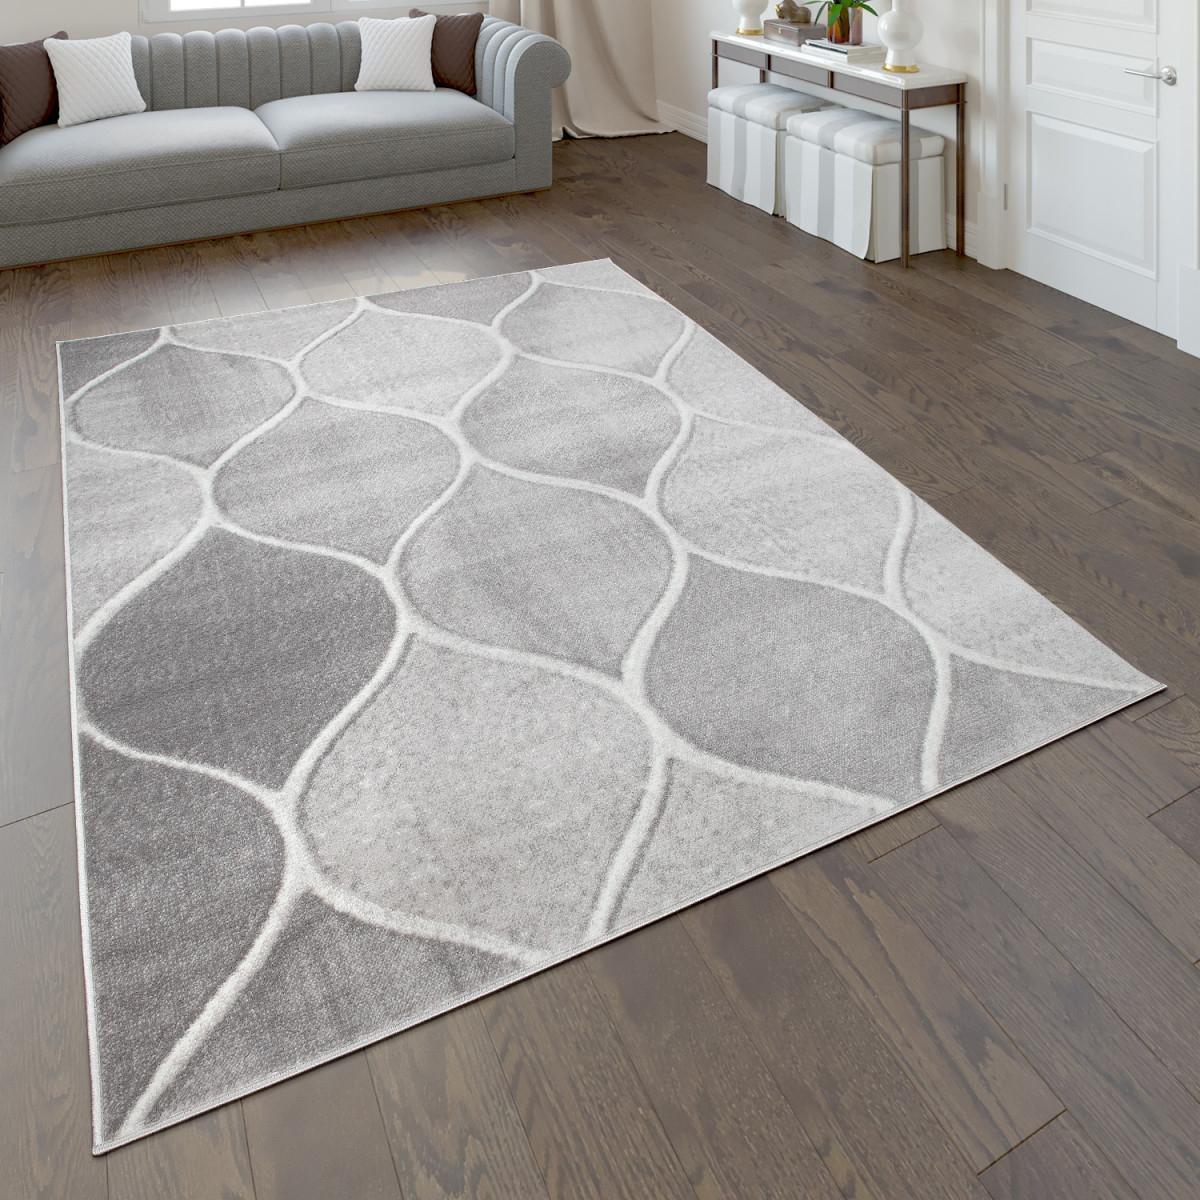 Details Zu Teppich Kurzflorteppich Für Wohnzimmer Mit Orientdesign  Einfarbig In Grau von Teppich Wohnzimmer Grau Photo